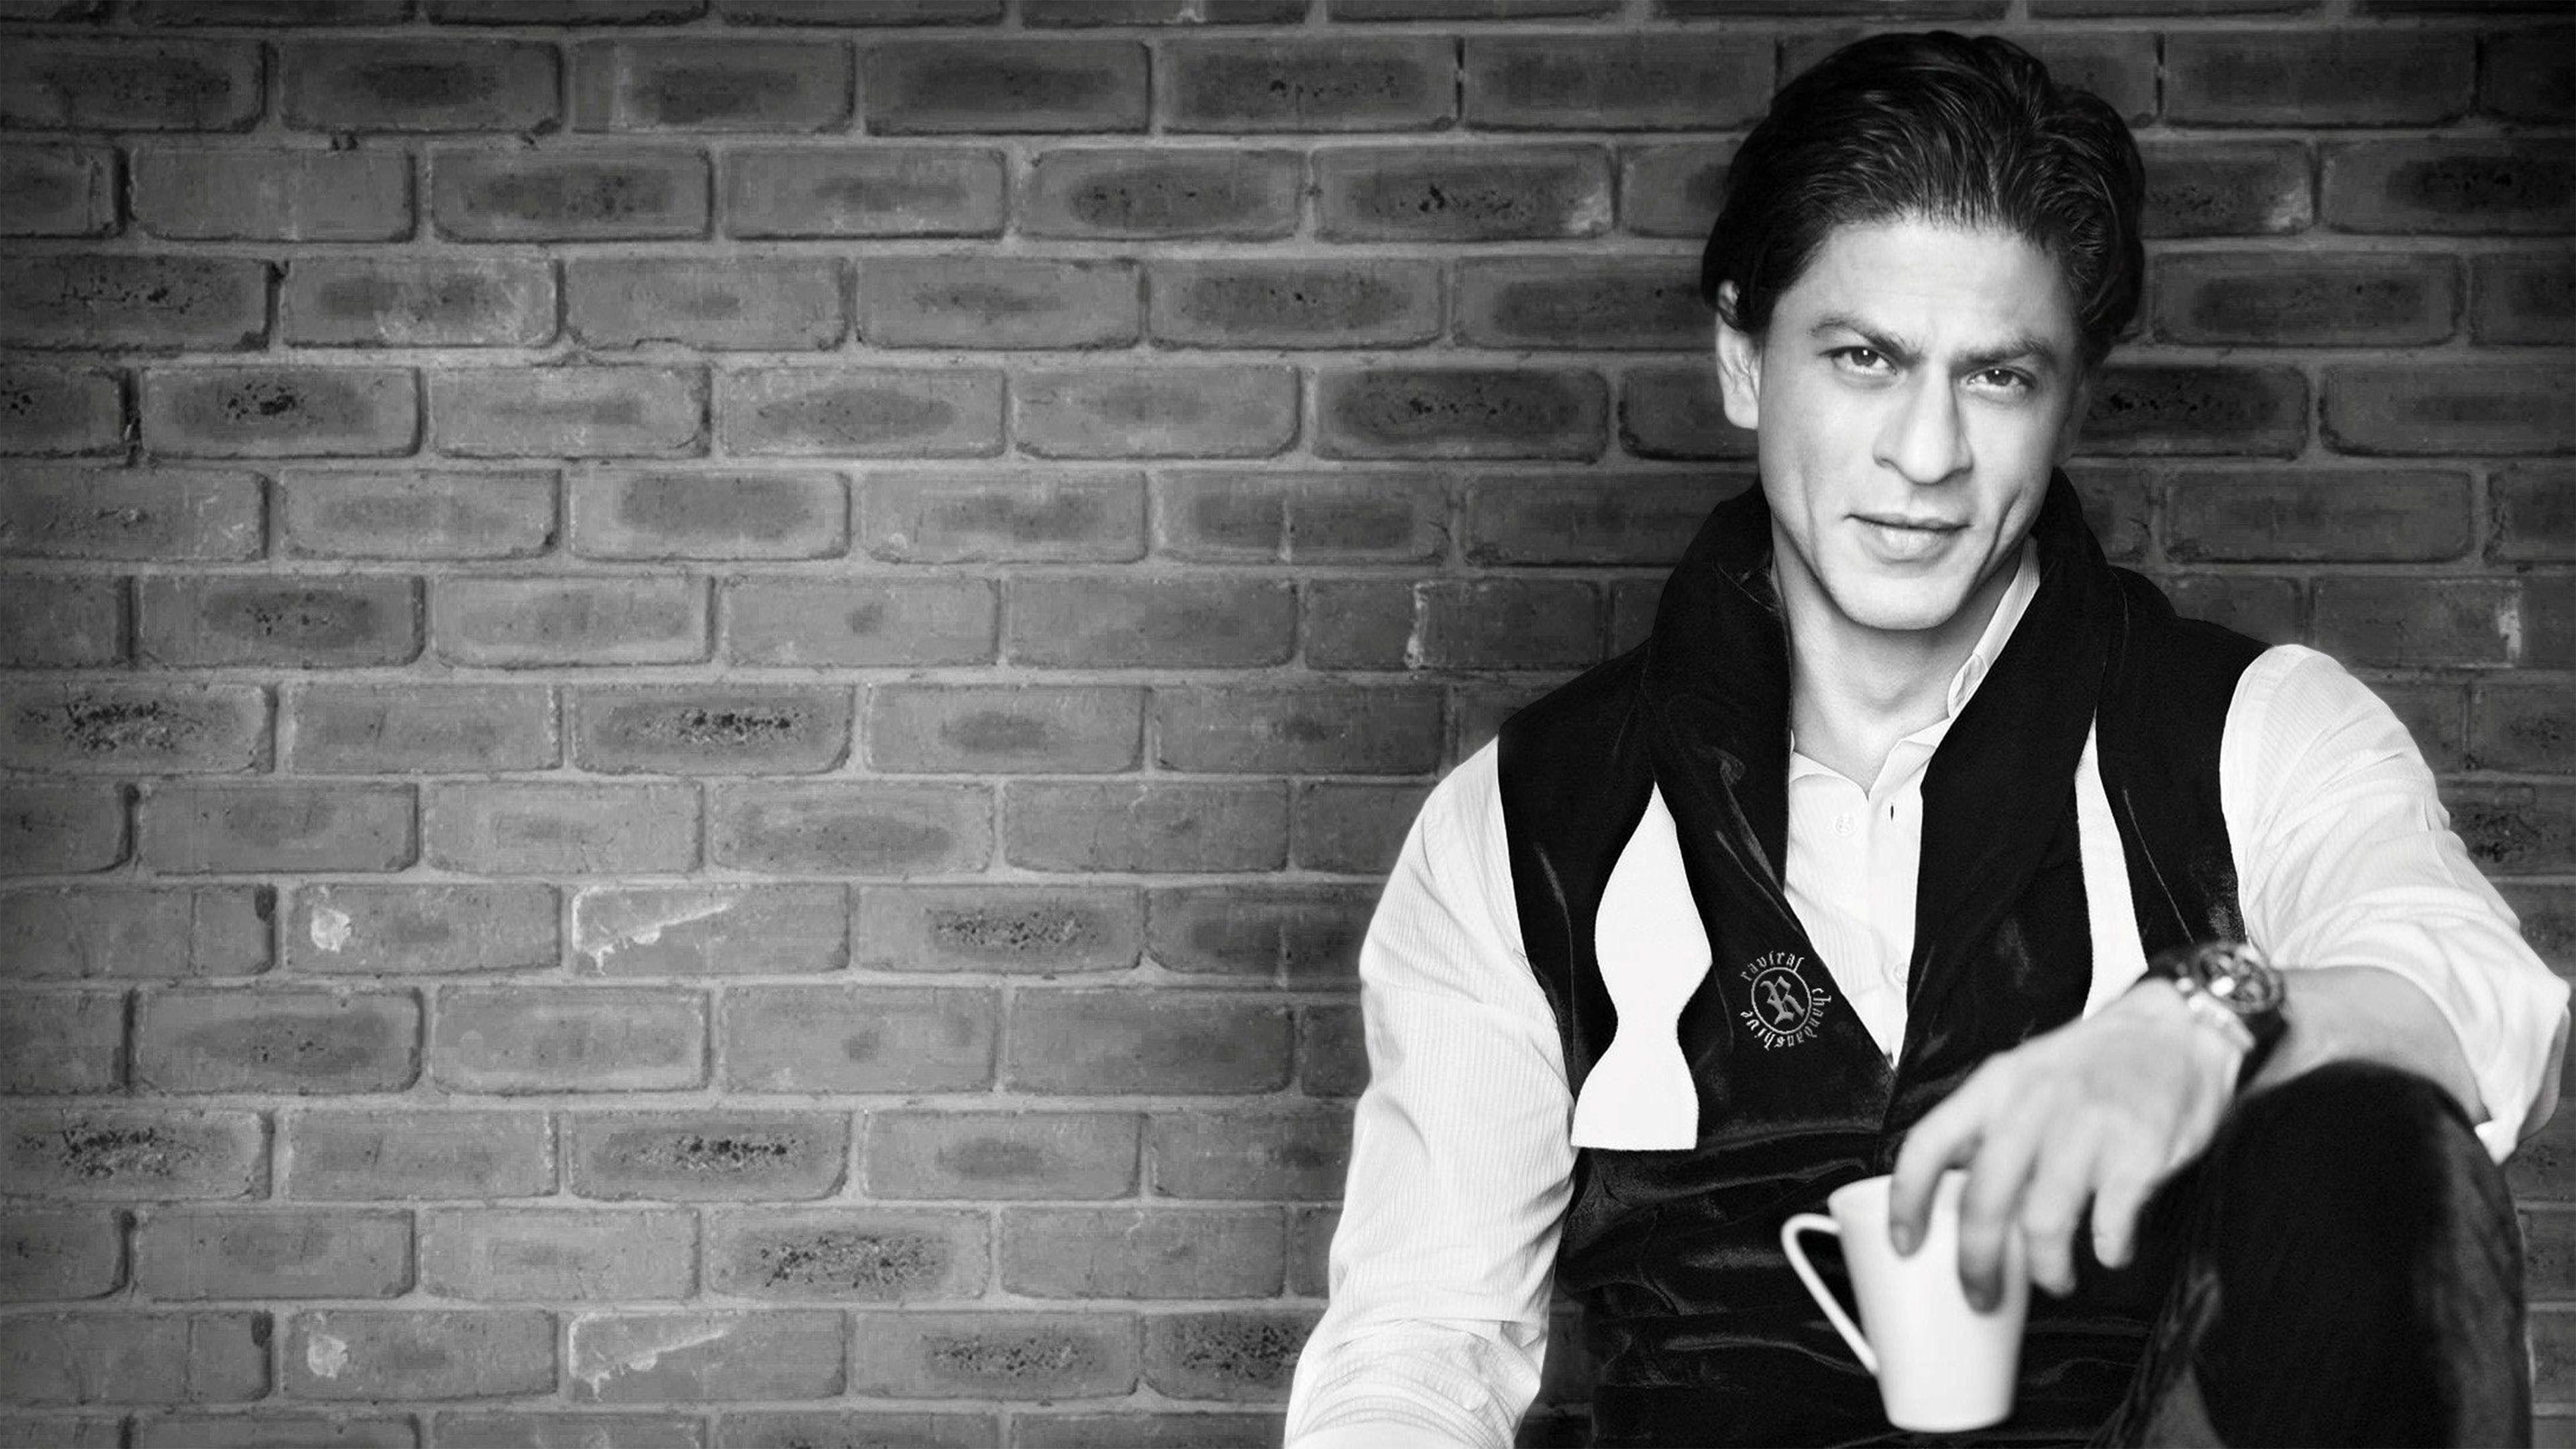 3840x2160 shah rukh khan 4k full hd background   Shahrukh ...